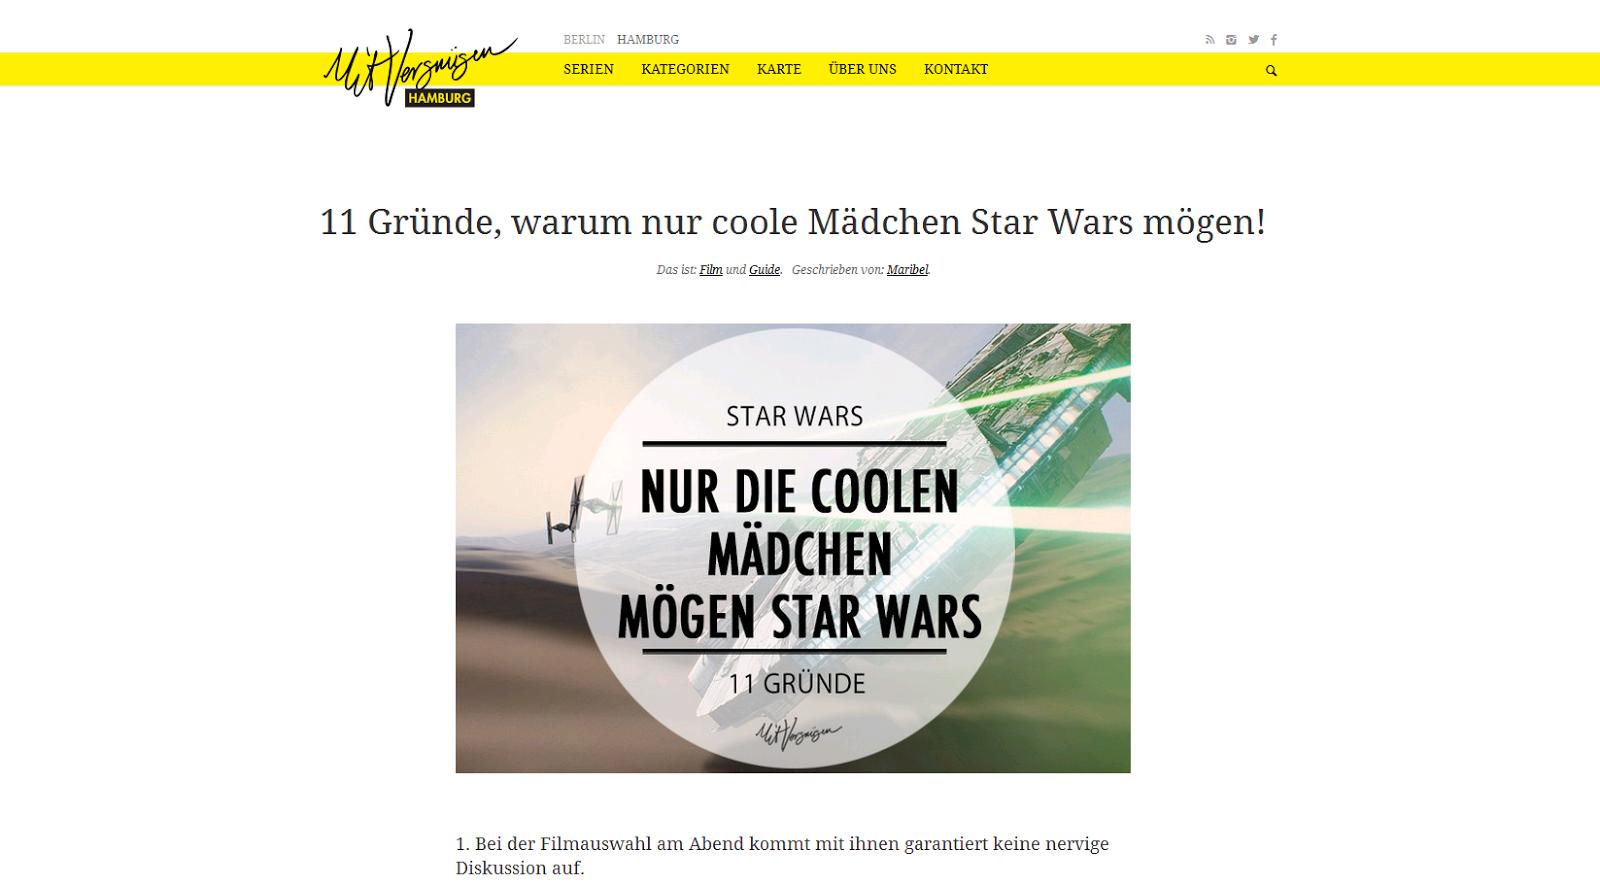 http://hamburg.mitvergnuegen.com/2015/11-gruende-warum-nur-maedchen-die-star-wars-moegen-cool-sind/